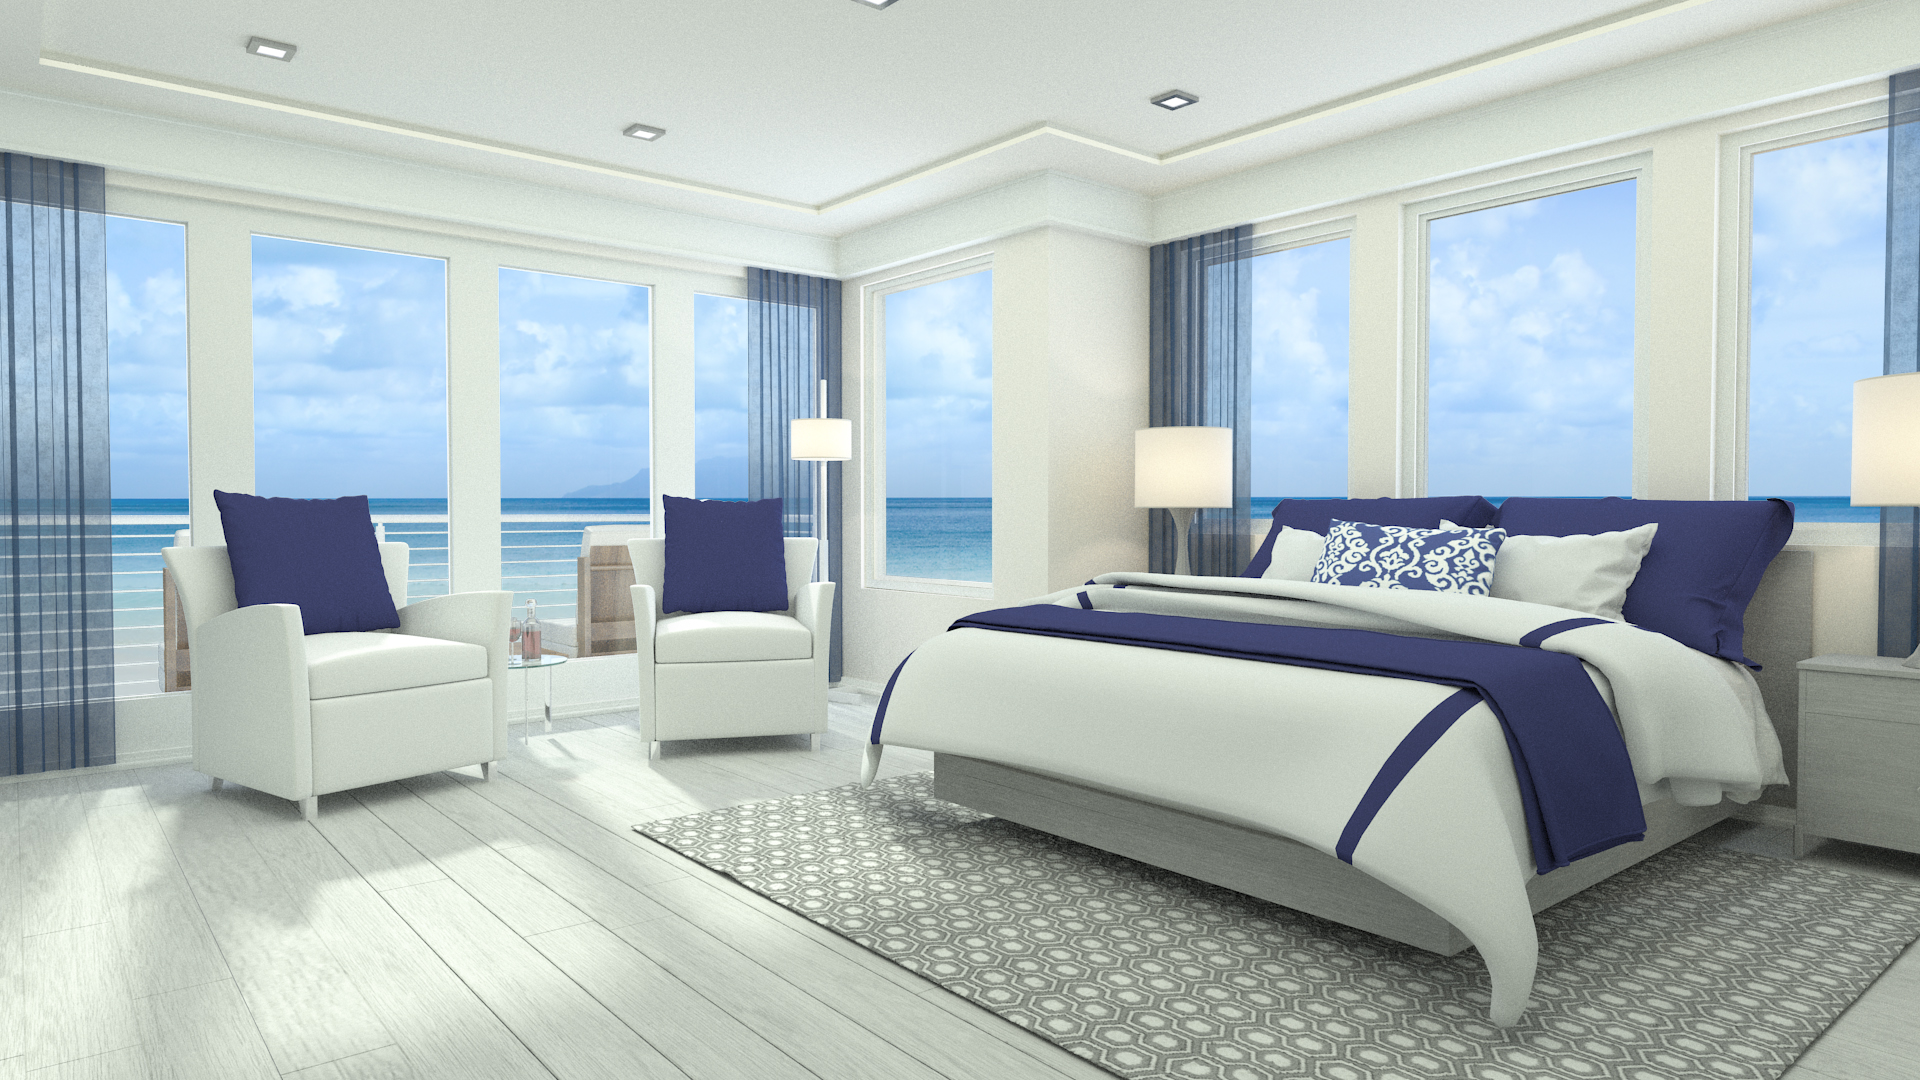 Renders 3d For Master Bedroom Project: OldOcean_Third_Floor_Master_Bedroom.v3